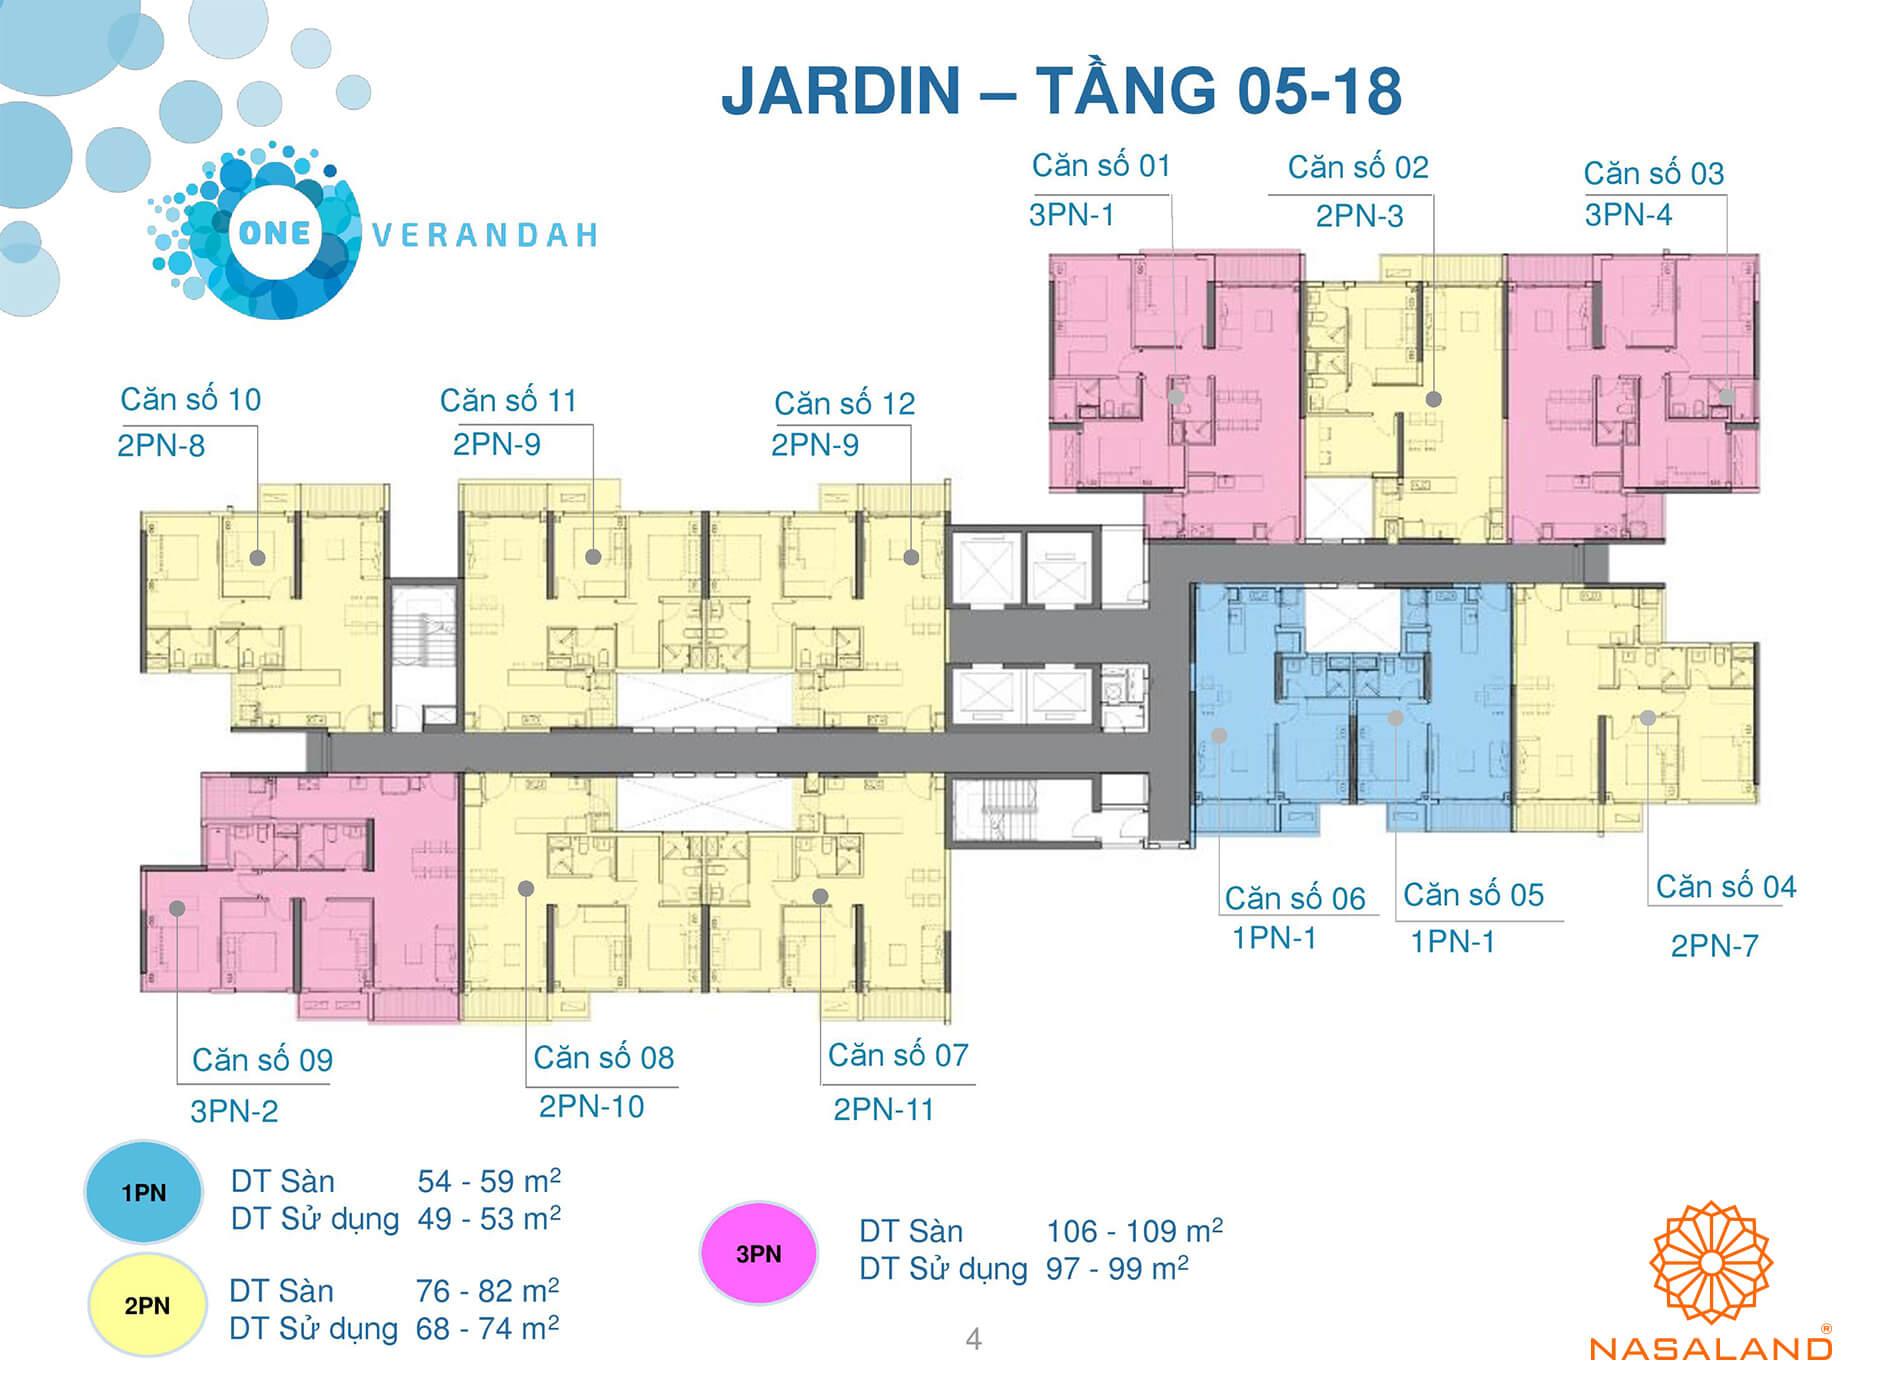 Mặt bằng tầng 05 - 18 căn hộ điển hình One Verandah (Ảnh: NSL)